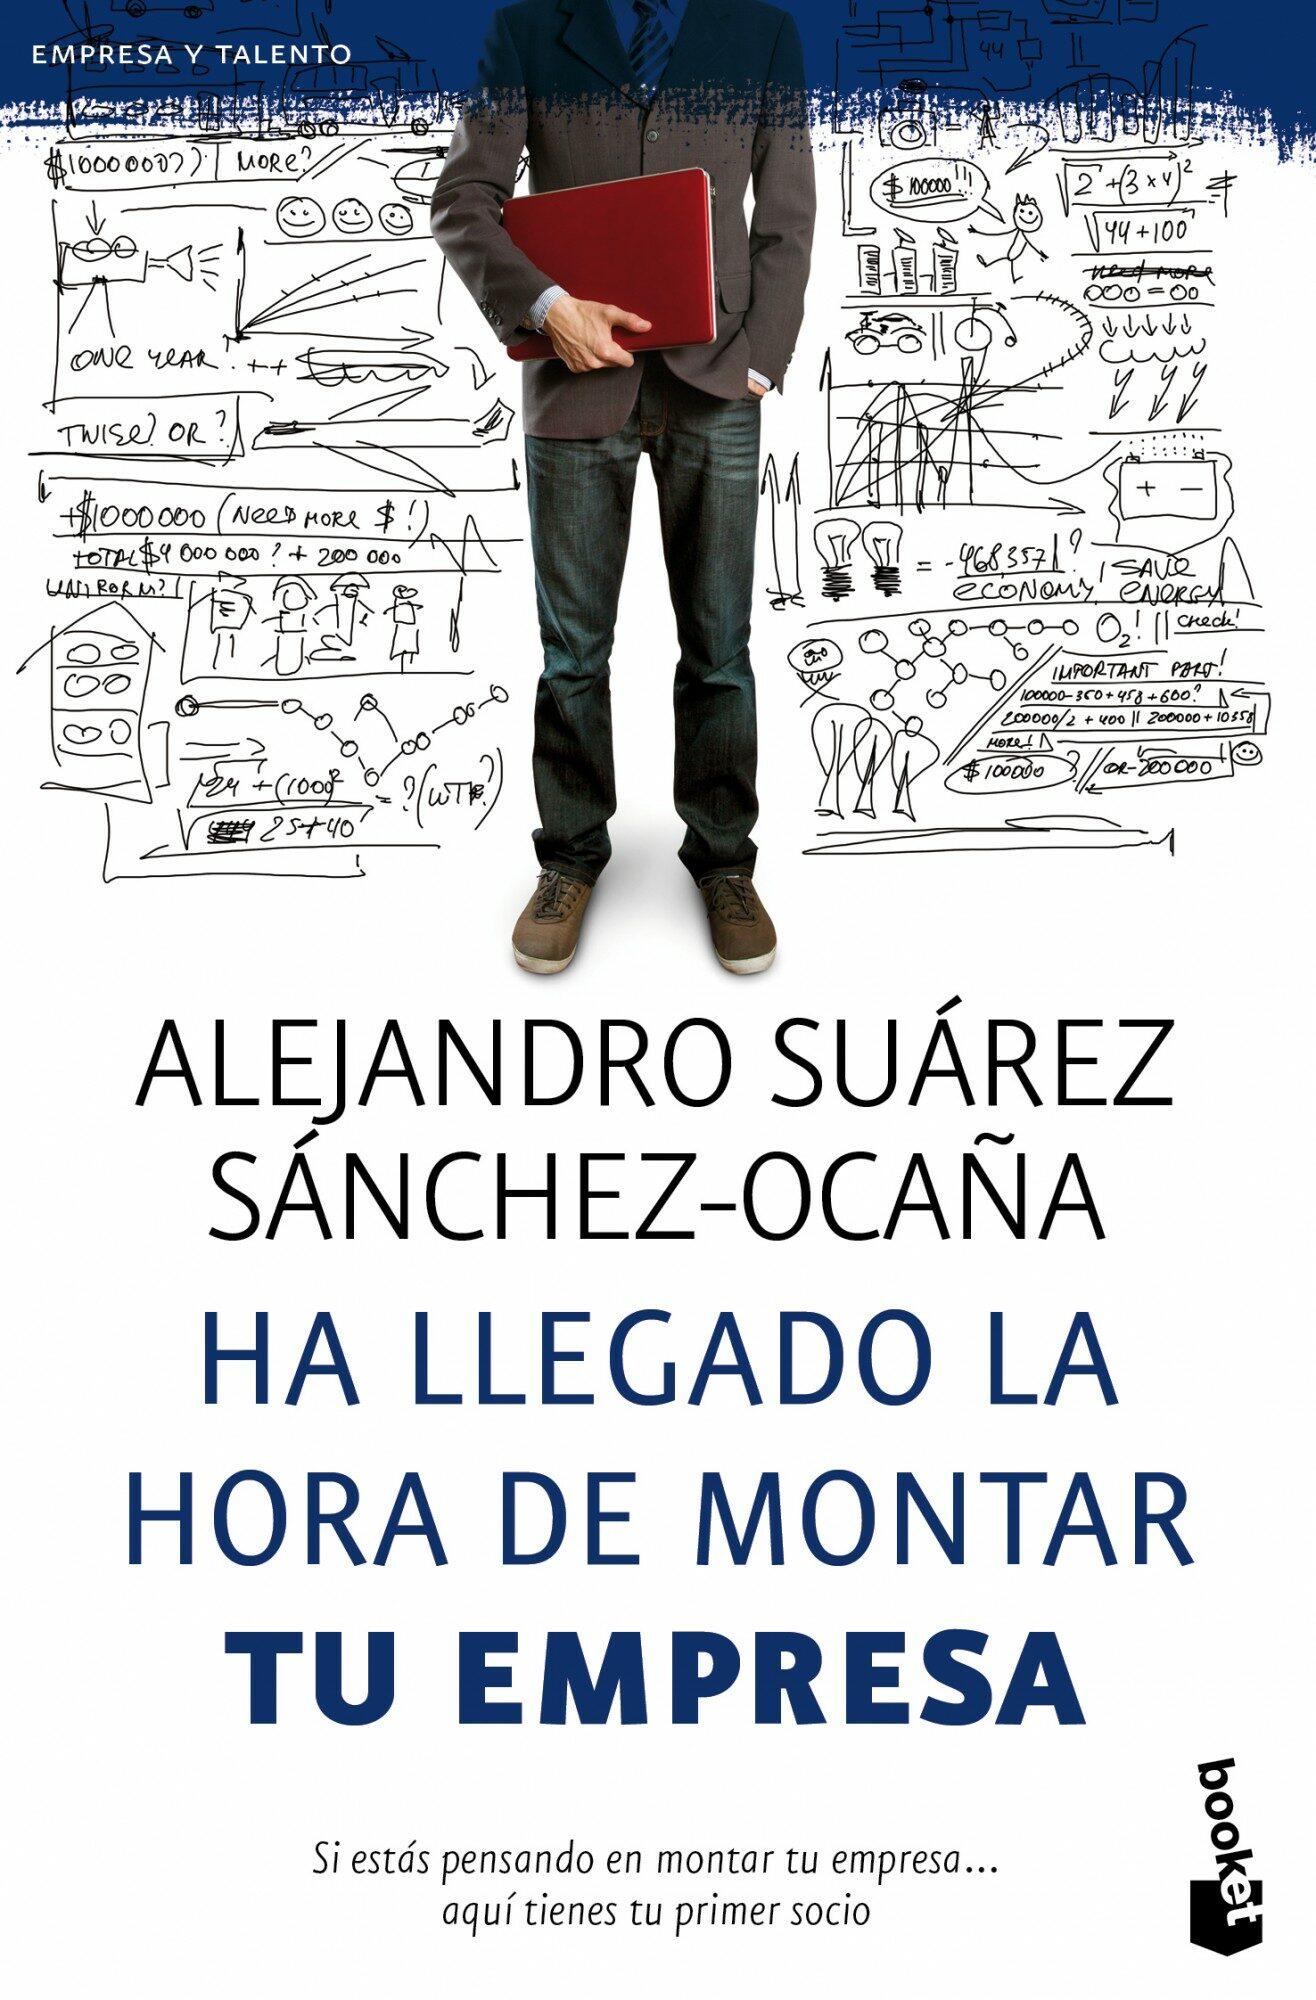 Ha Llegado La Hora De Montar Tu Empresa por Alejandro Suarez Sanchez-ocaña